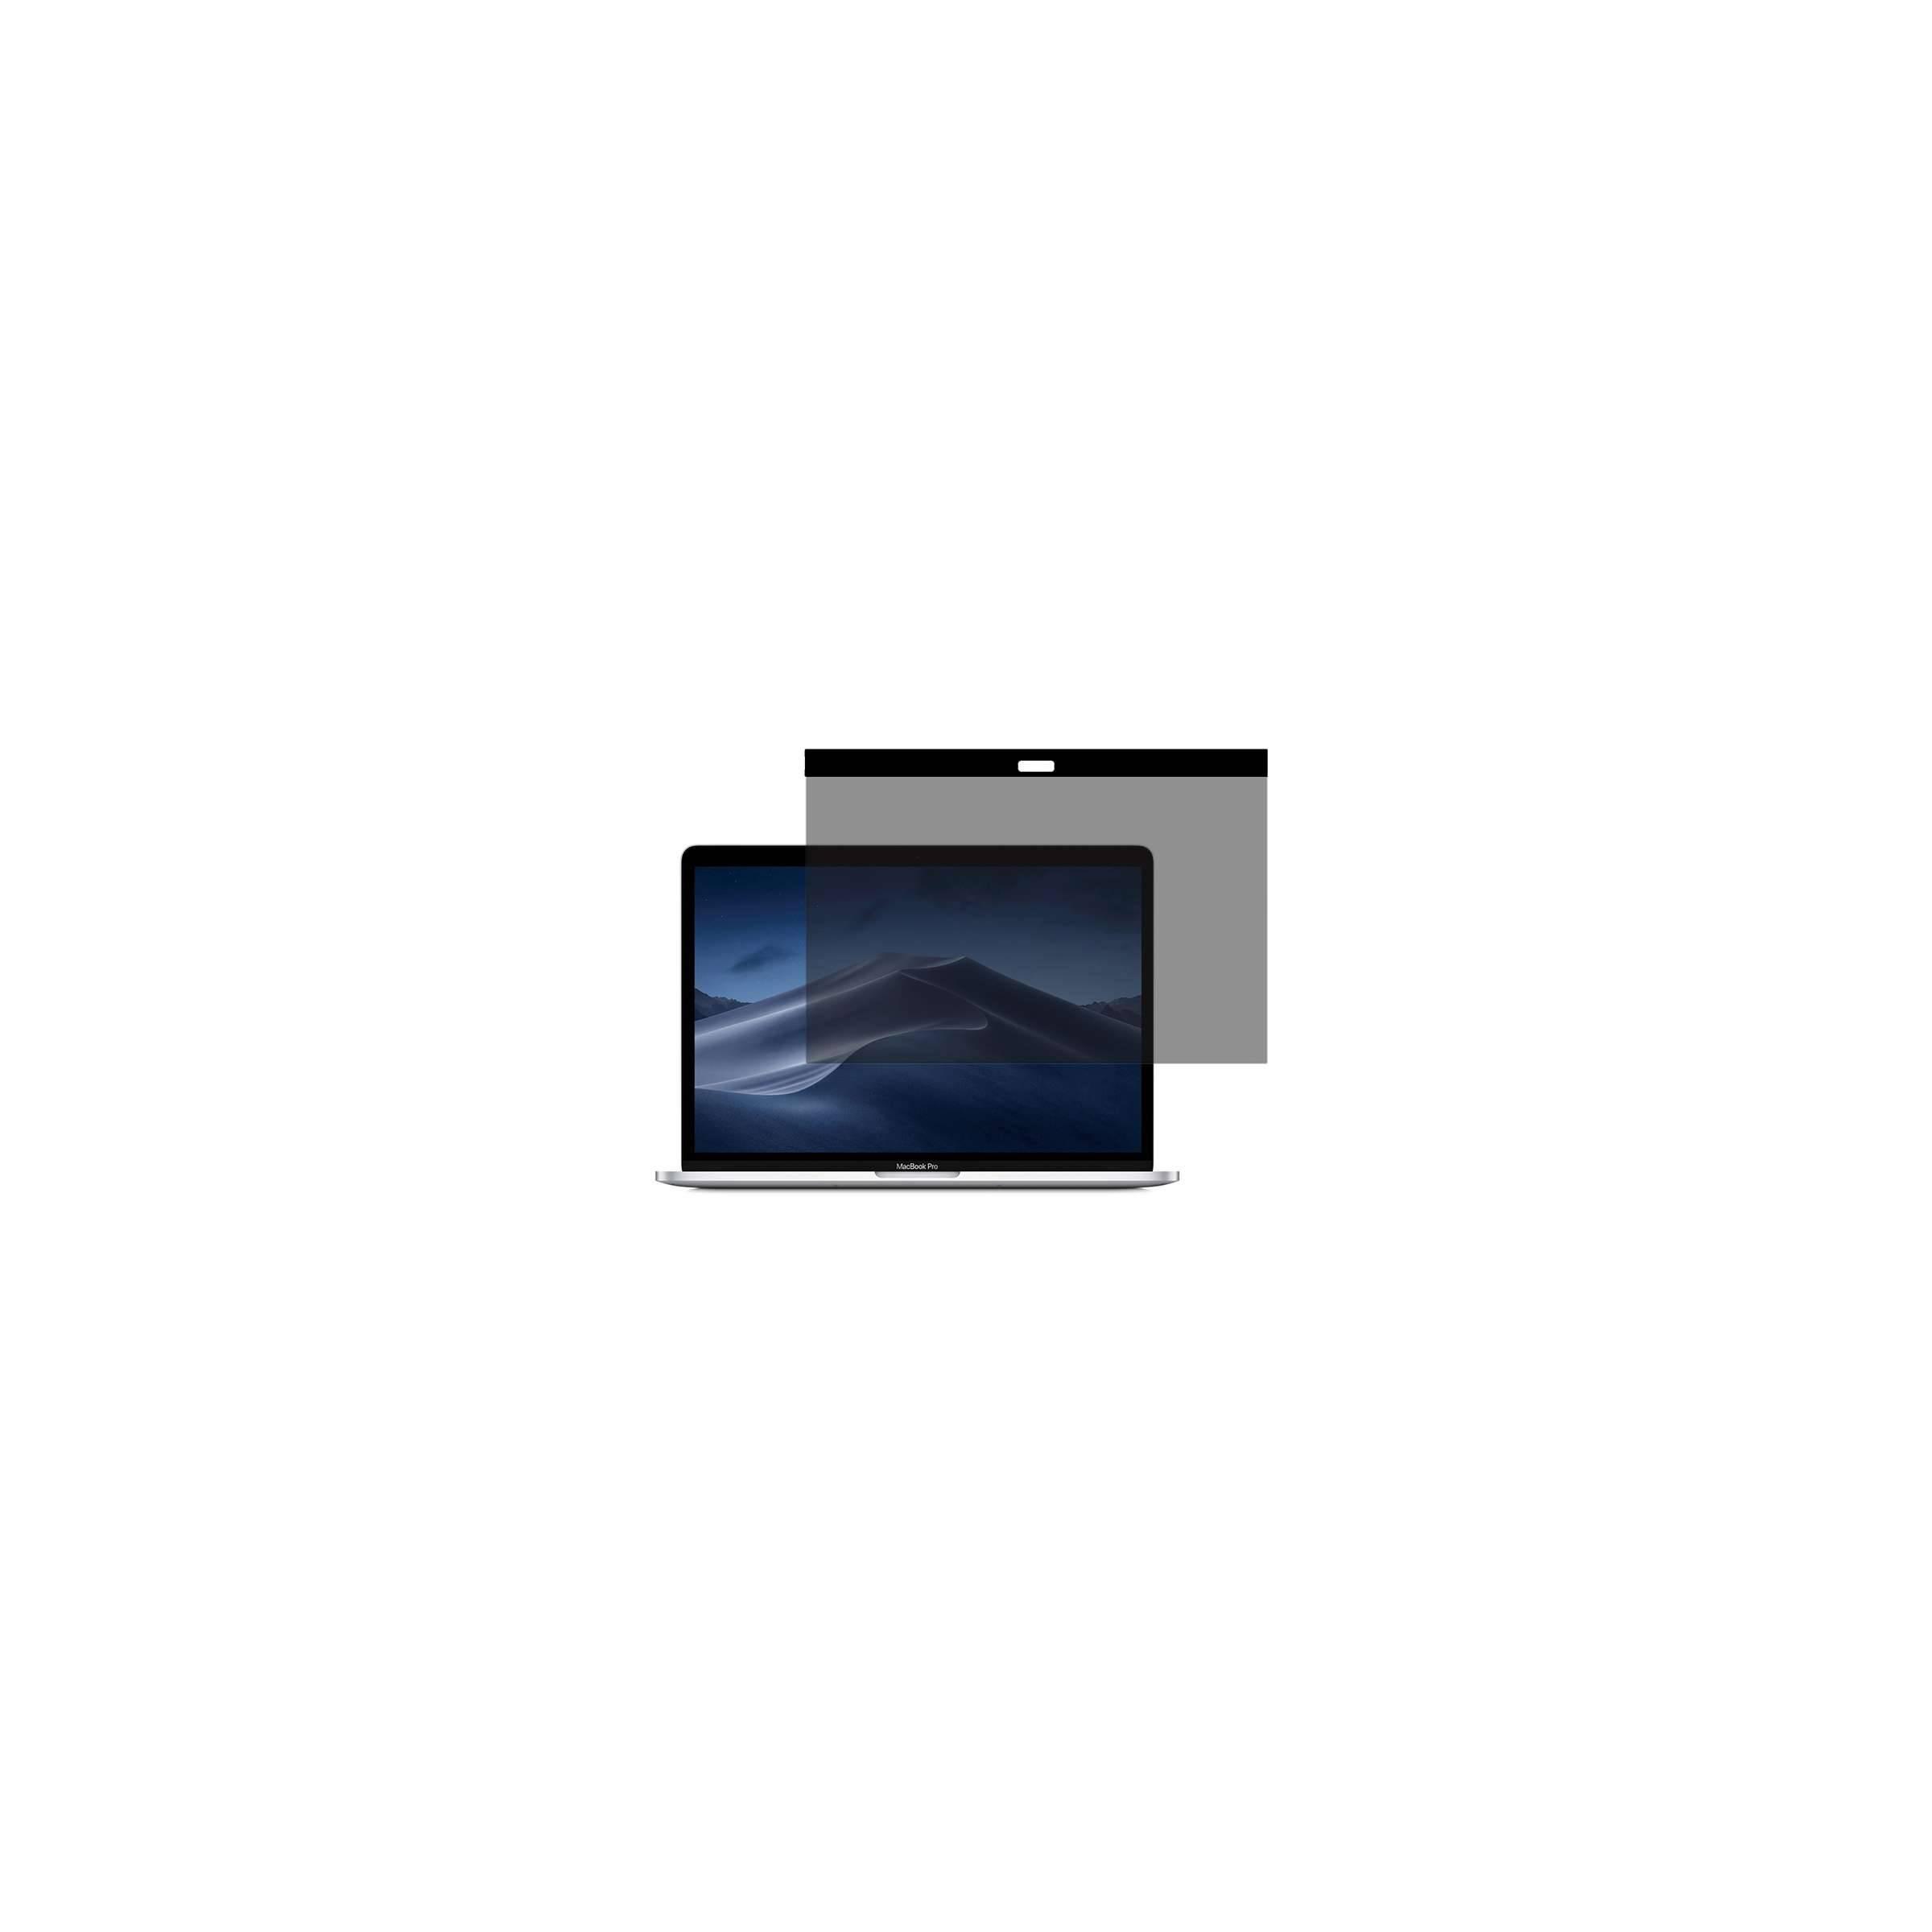 kina oem Privacy filter glas til macbooks macbook macbook air 13 fra mackabler.dk